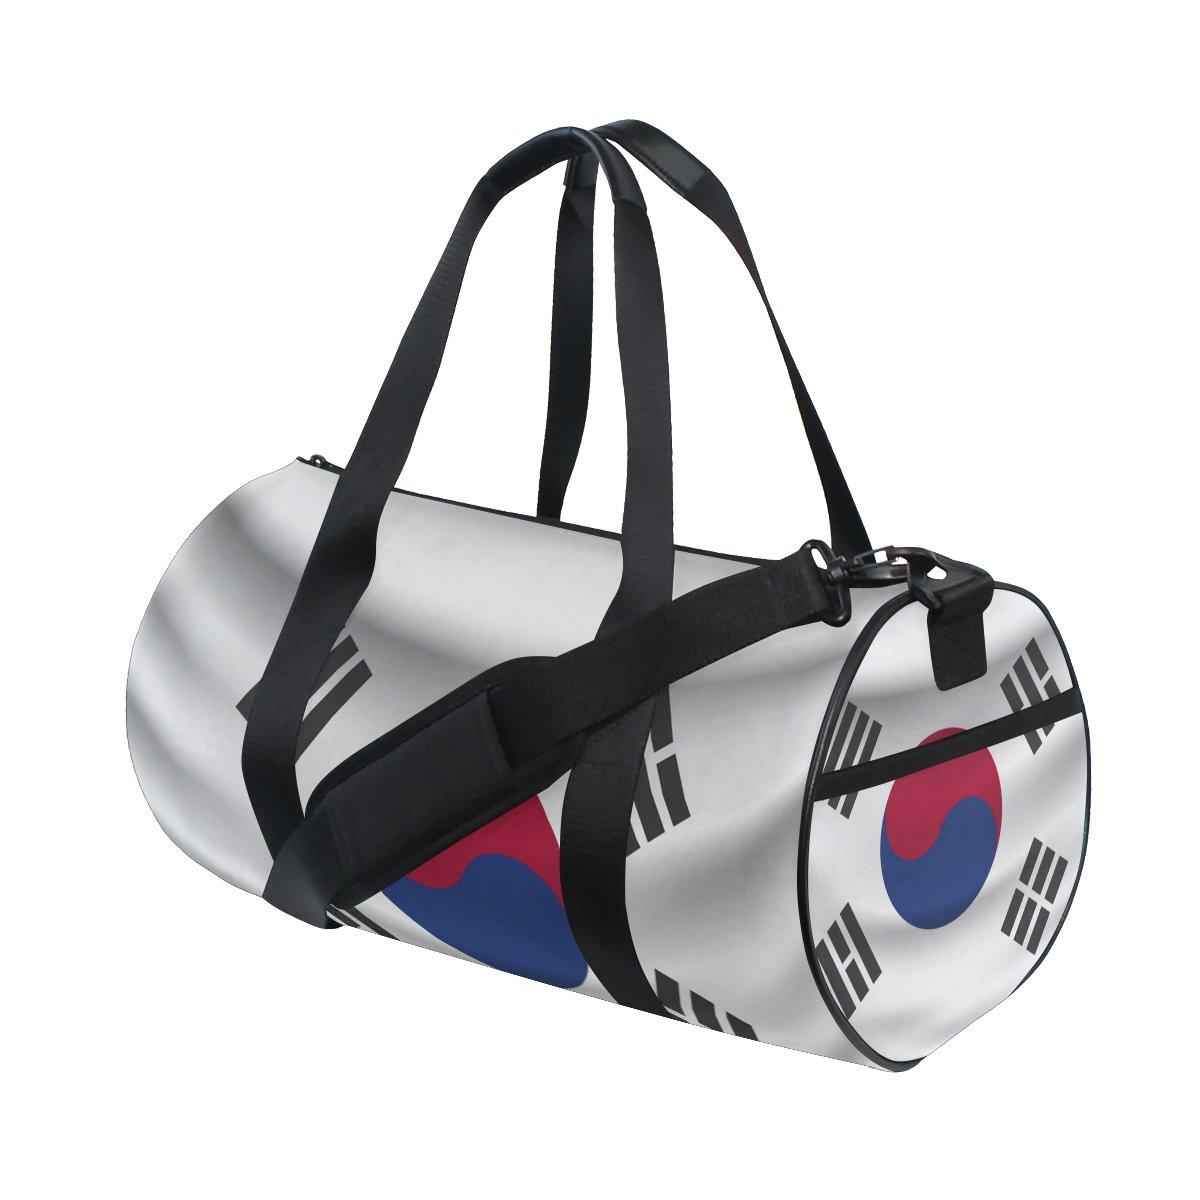 韓国国旗 トラベルダッフルショルダーバッグ スポーツジムフィットネスバッグ B07DXM2FBF